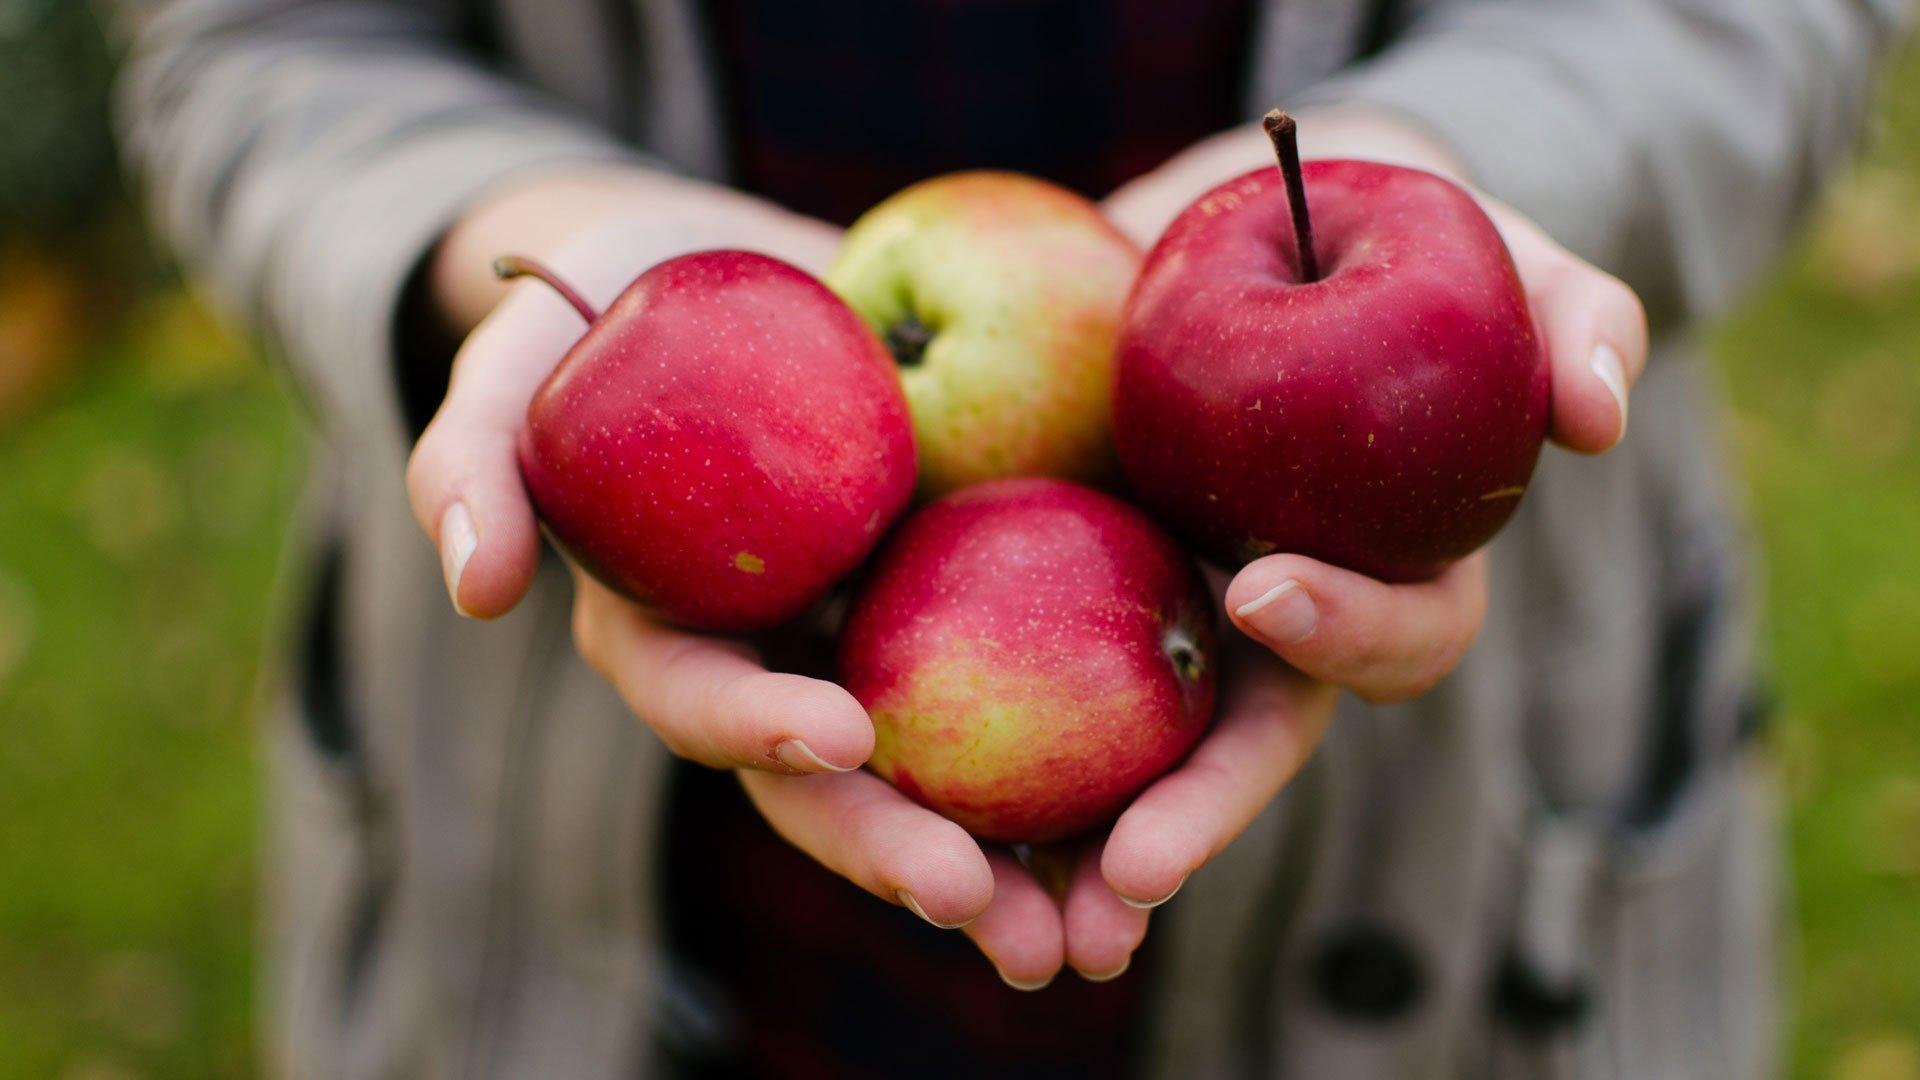 Ravintovalmentajan johdolla toteutettava ravintovalmennus tarjoaa apua terveellisen ruokavalion rakennukseen.